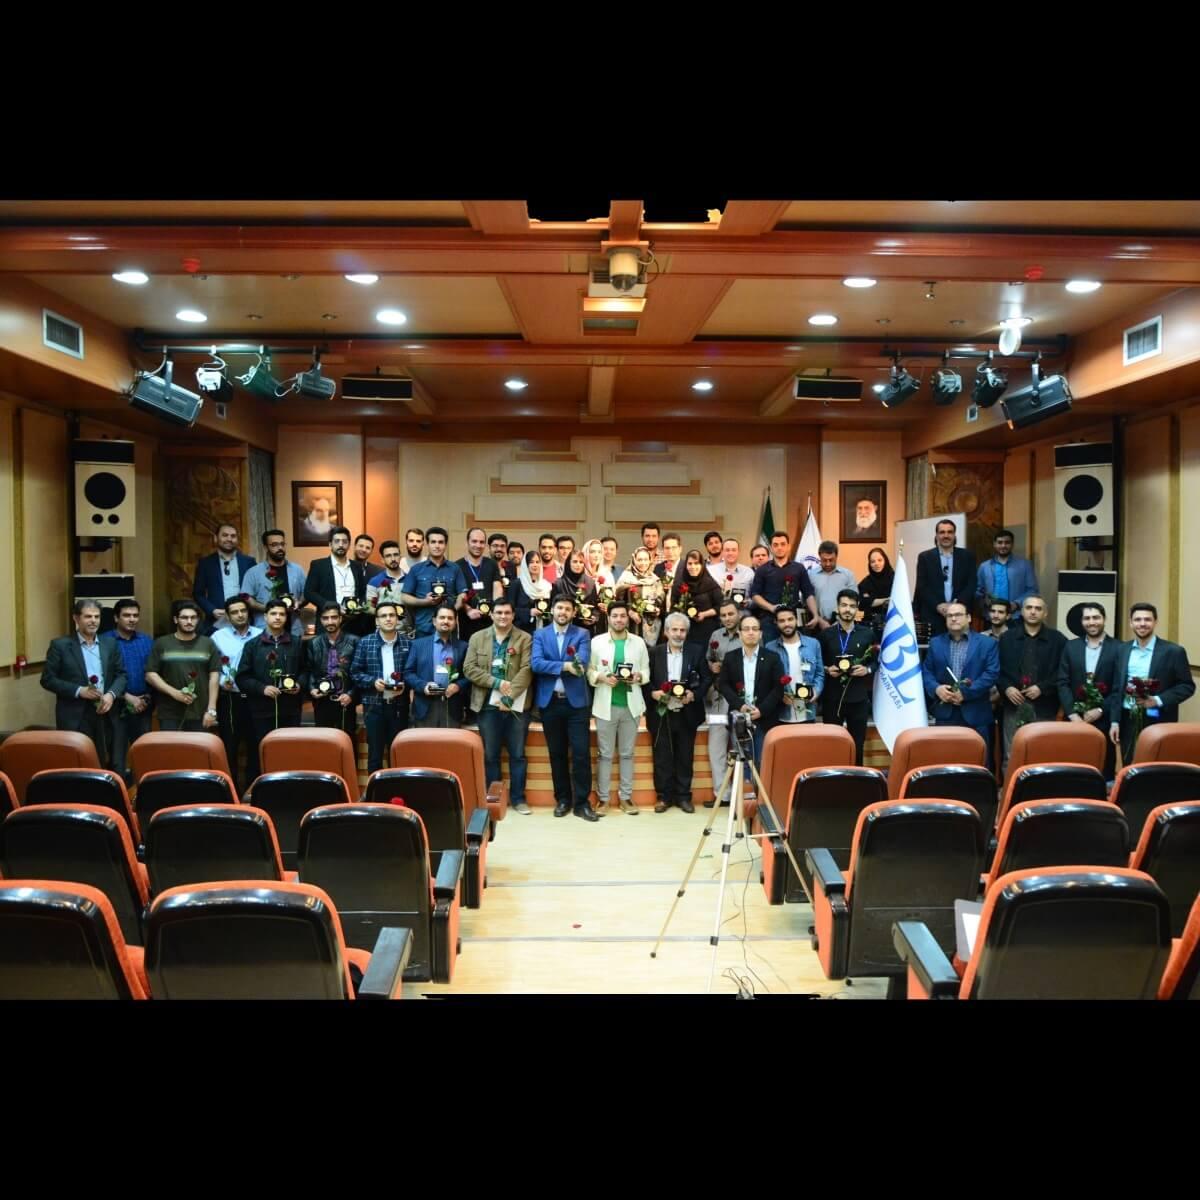 رویداد آموزش تریدینگ ارزهای دیجیتال دانشگاه صنعتی شریف